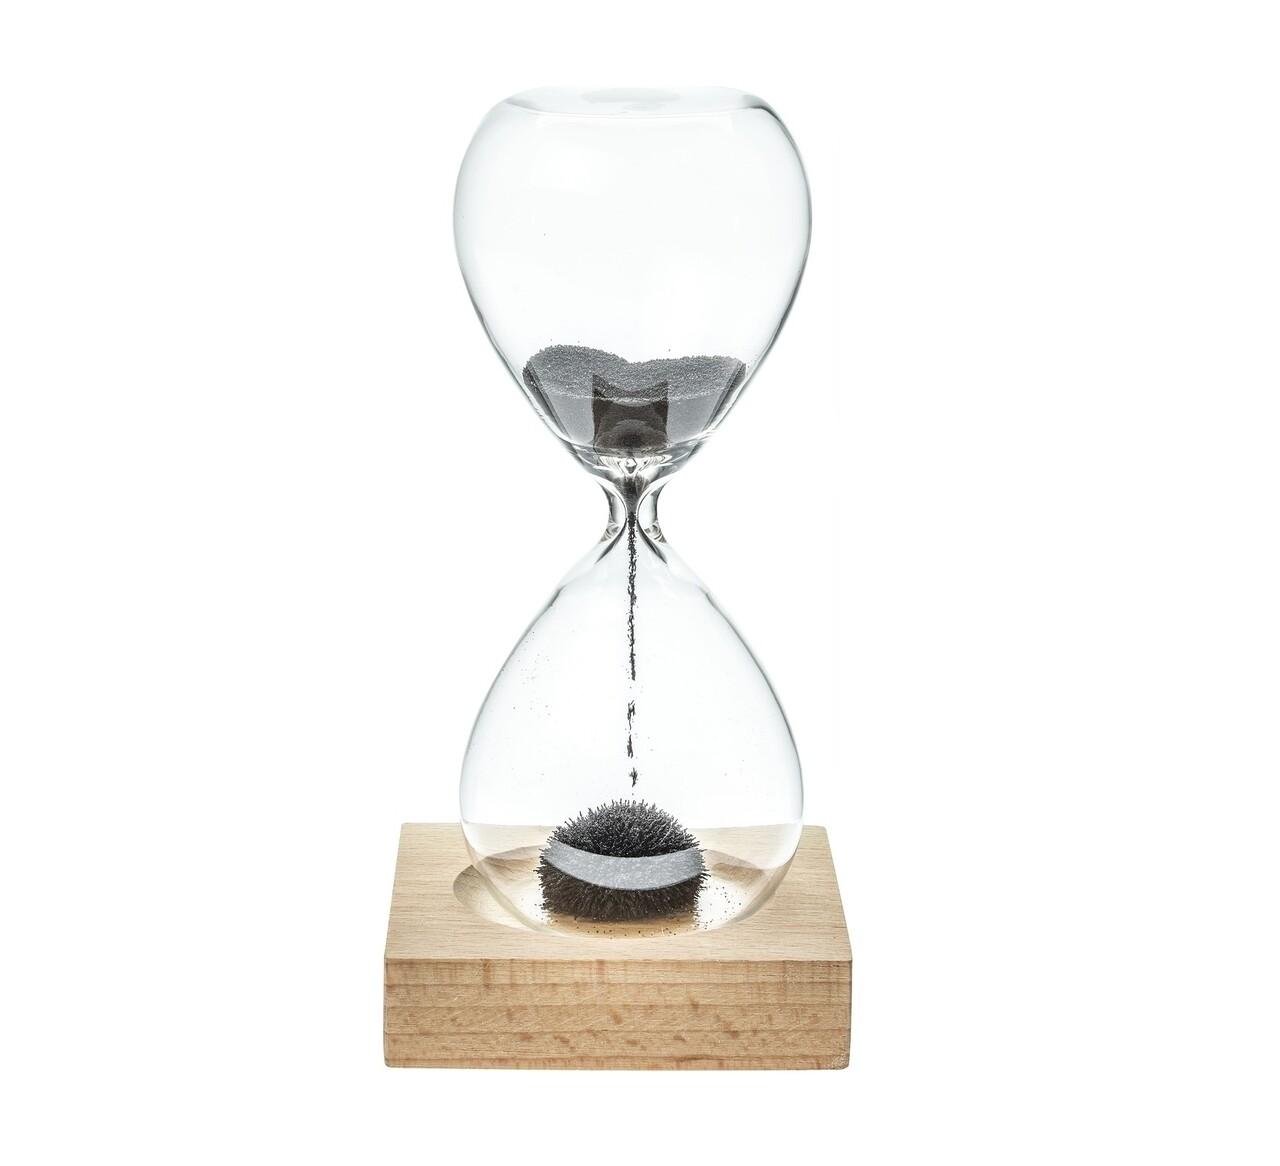 Clepsidra cu nisip magnetic, 6x14 cm, sticla